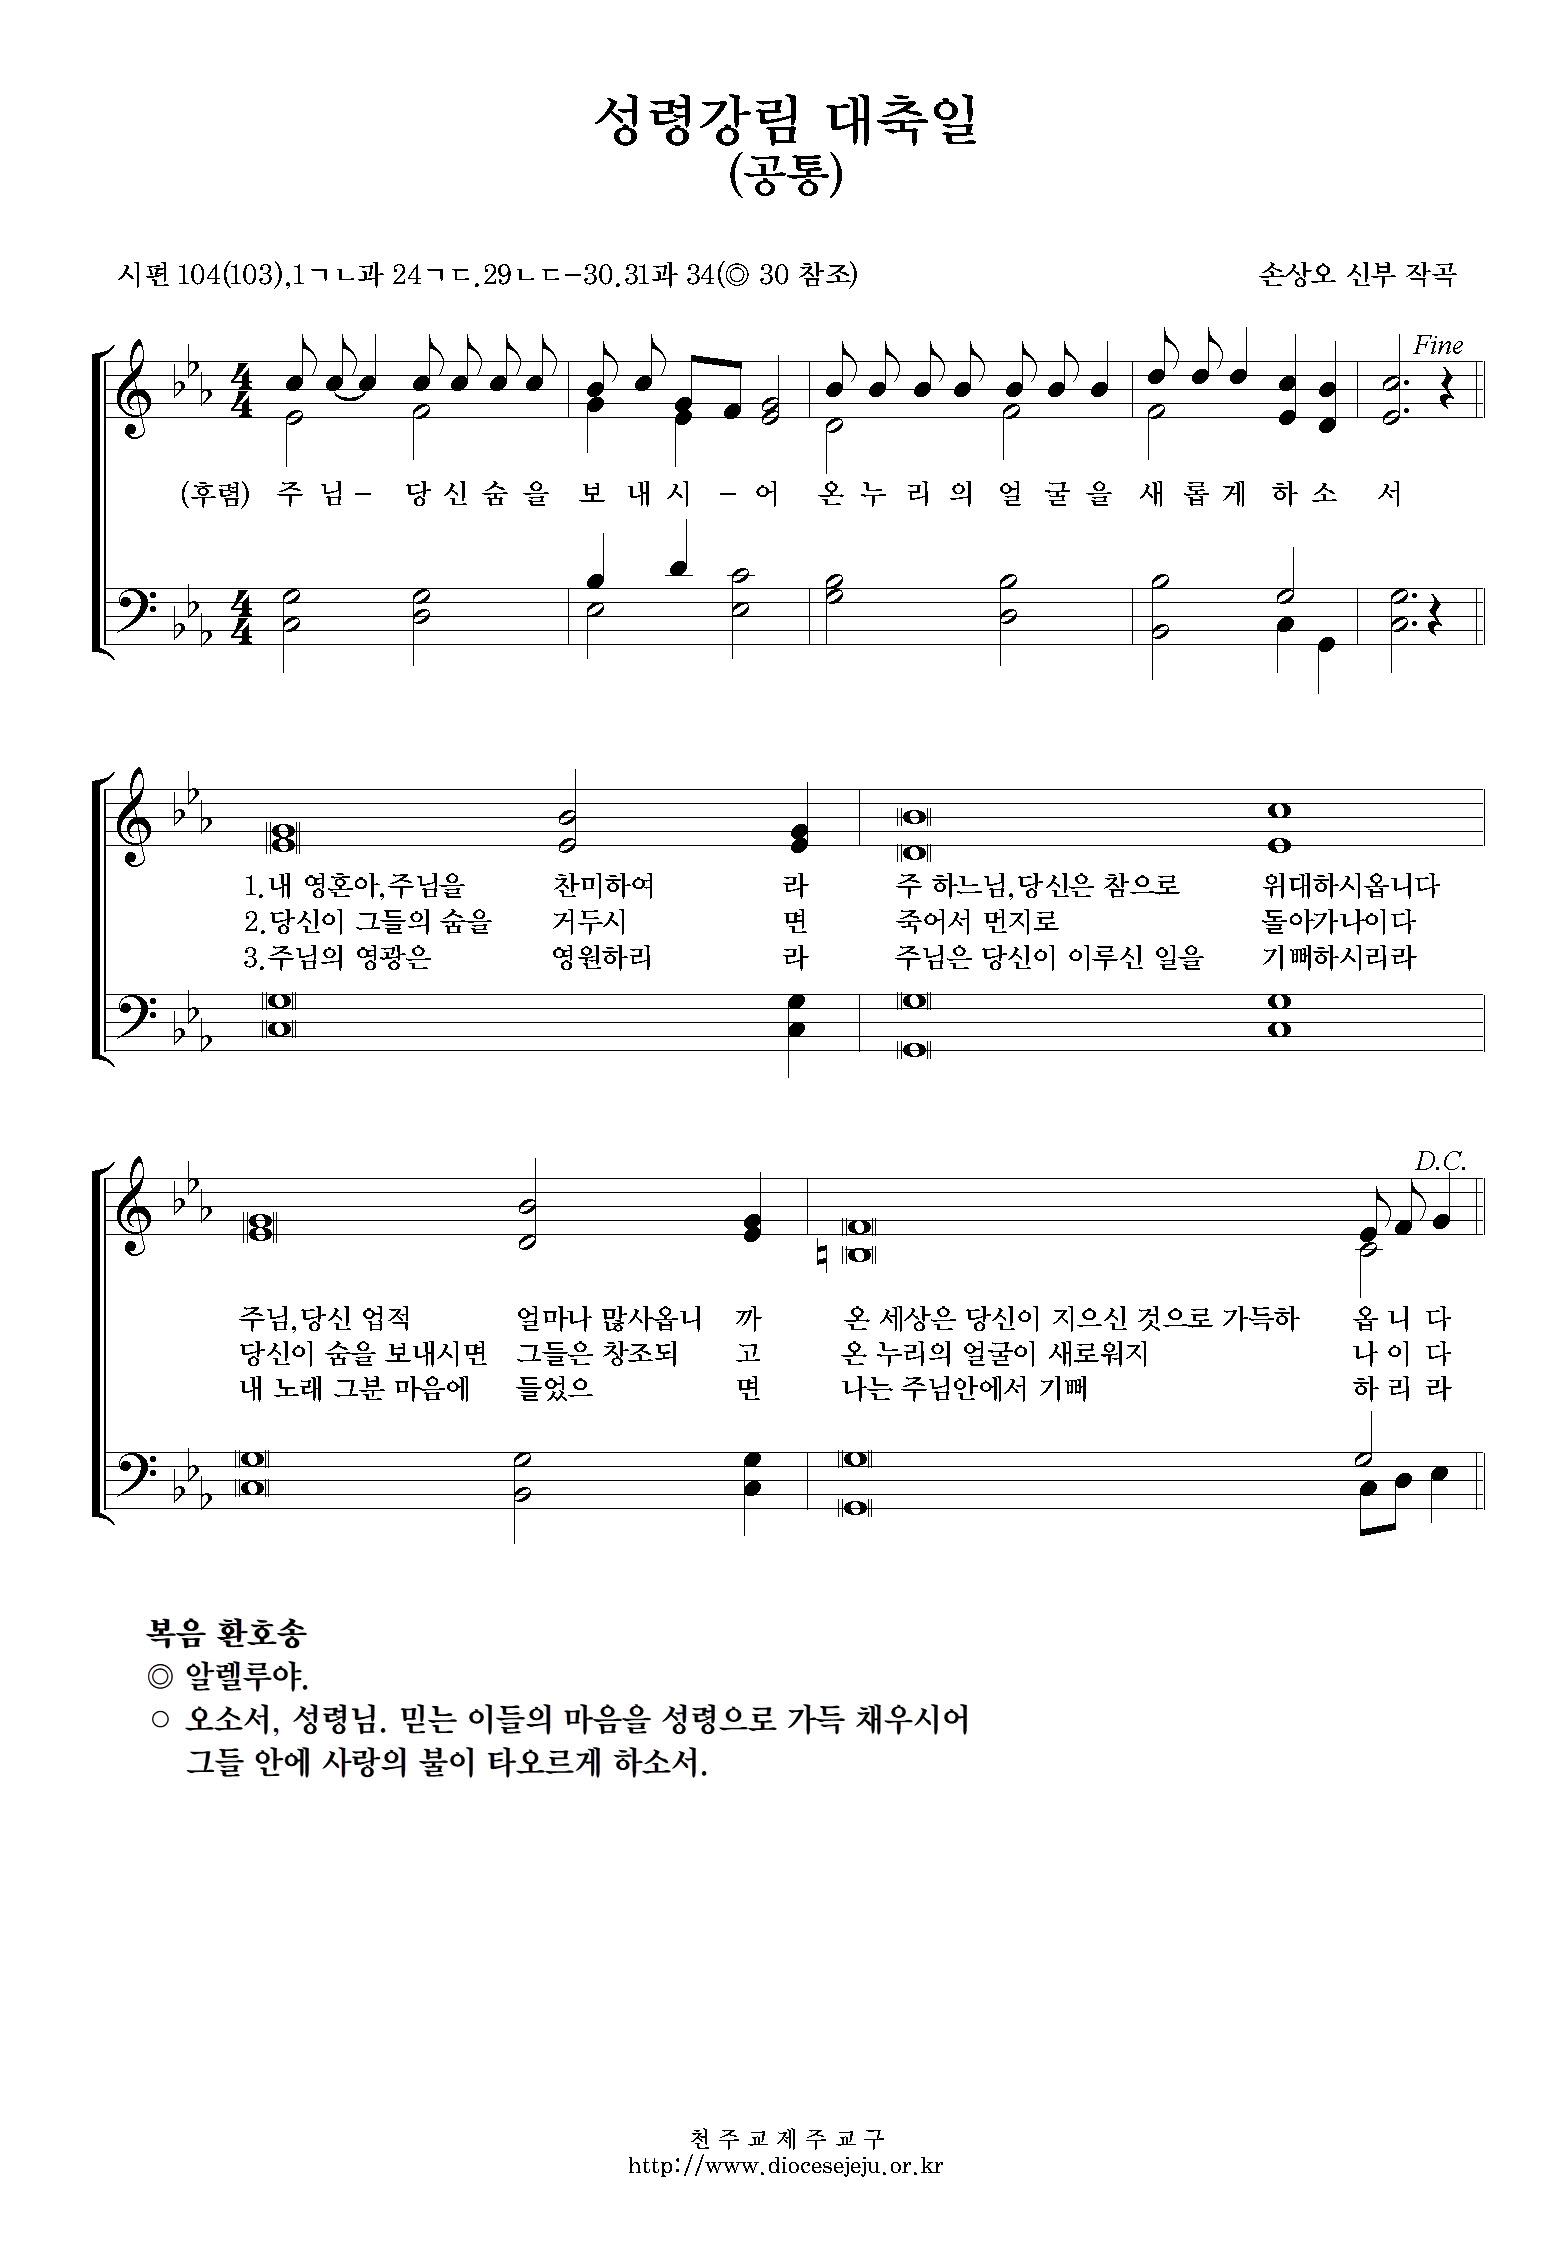 20190609-성령 강림 대축일(공통).jpg